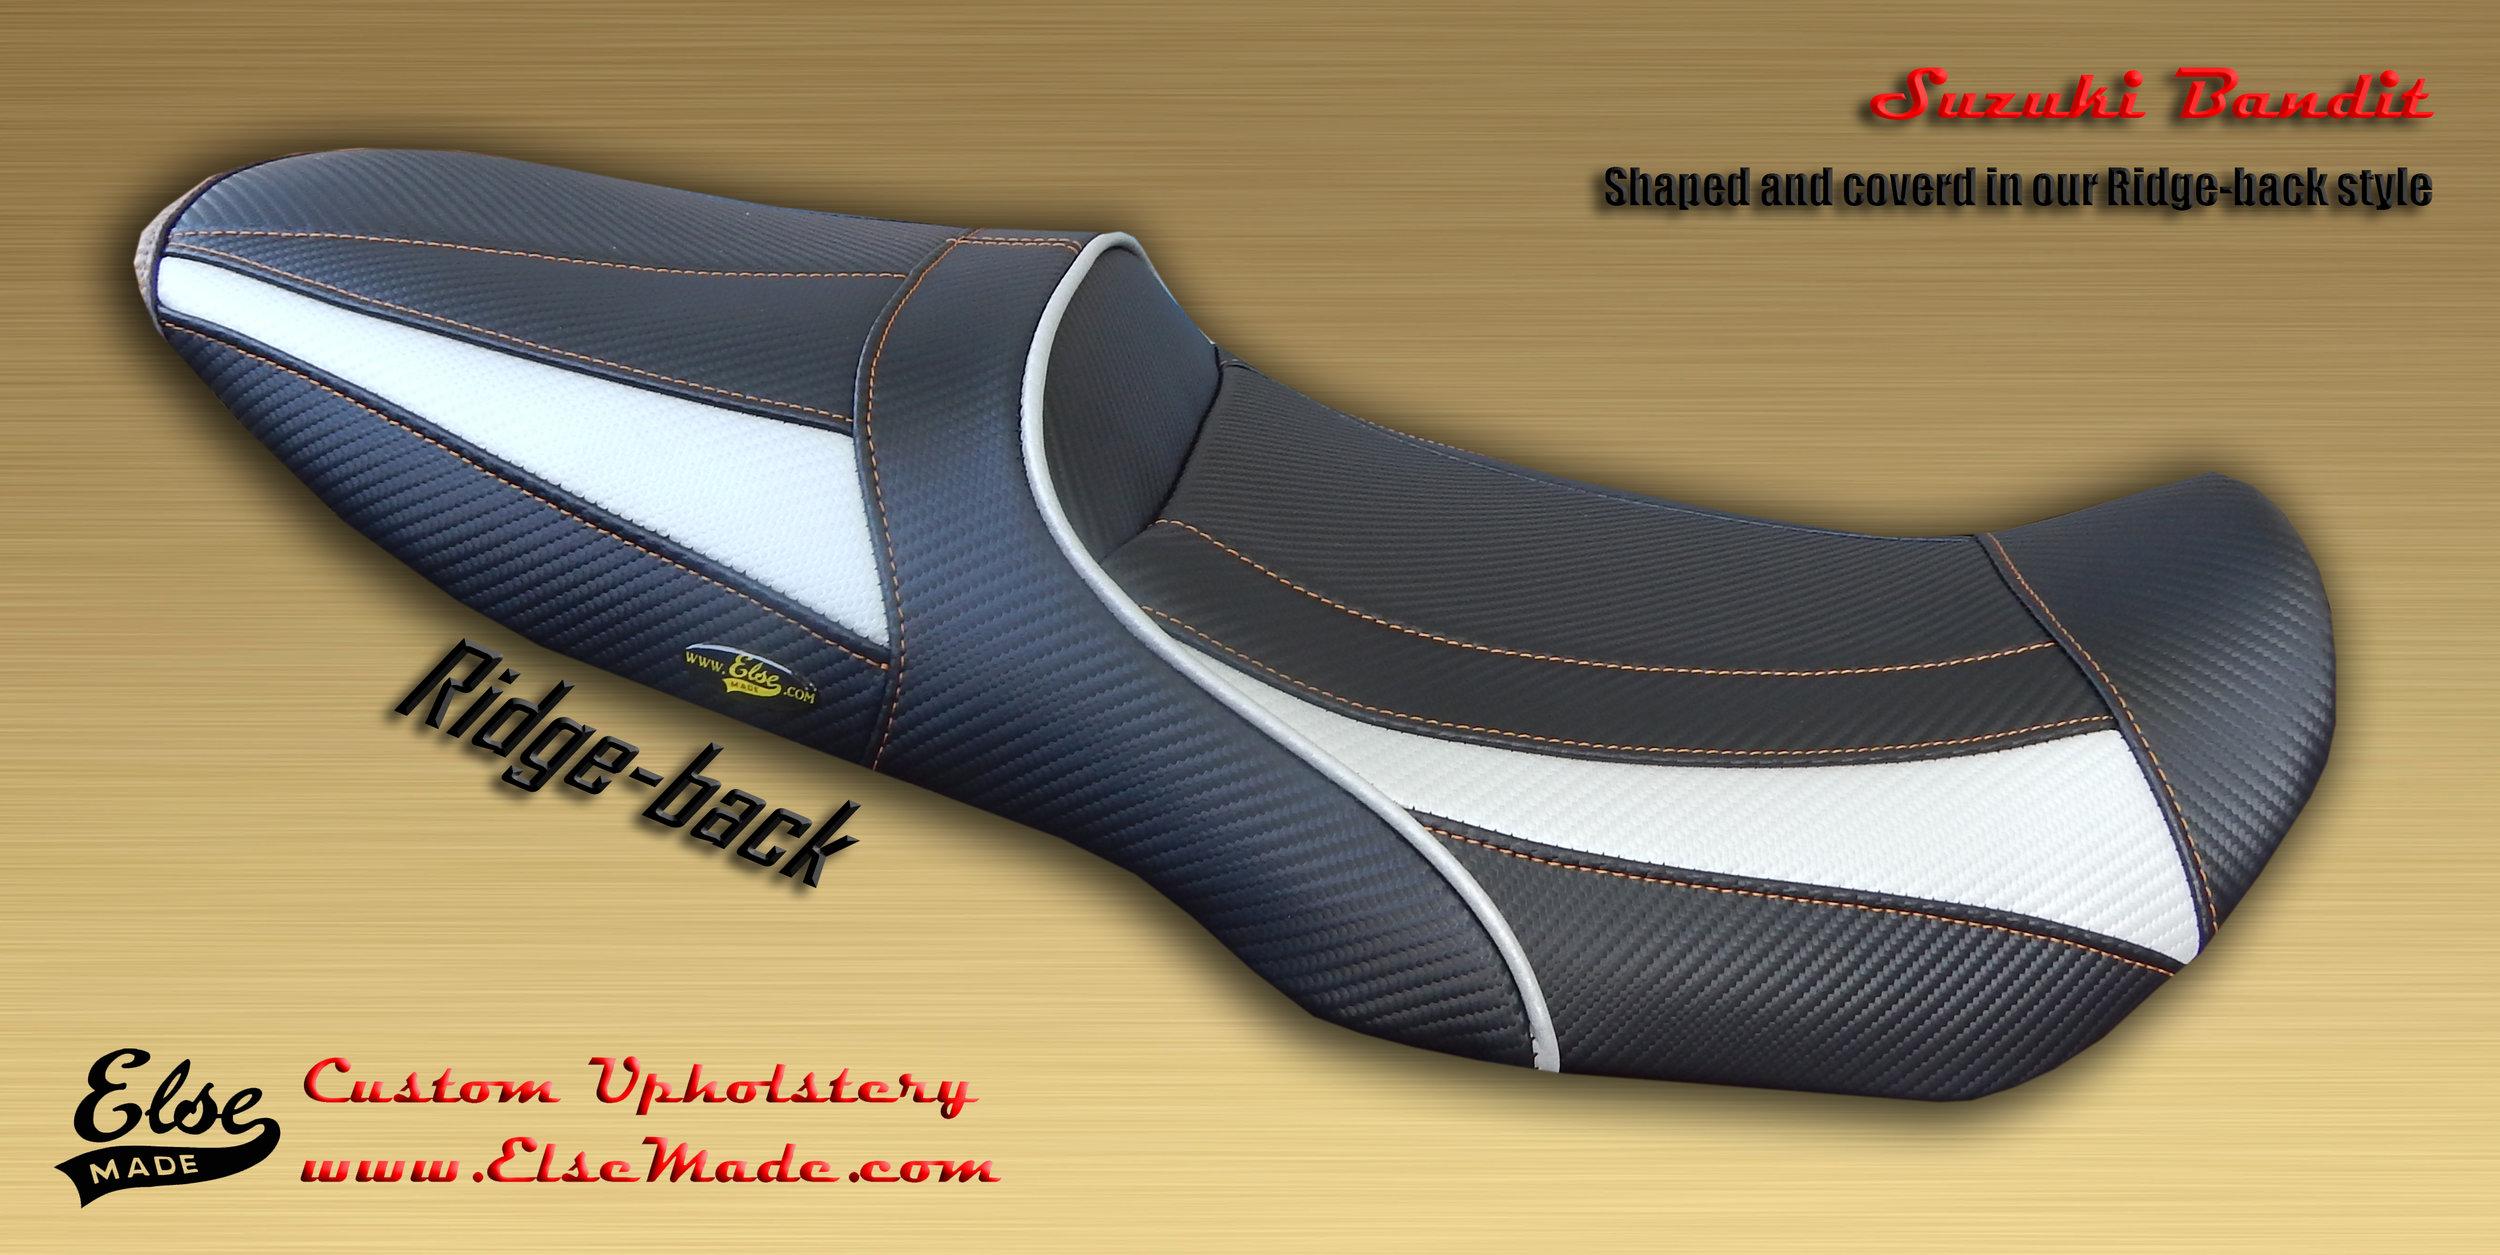 Bandit ridgeback full size.jpg